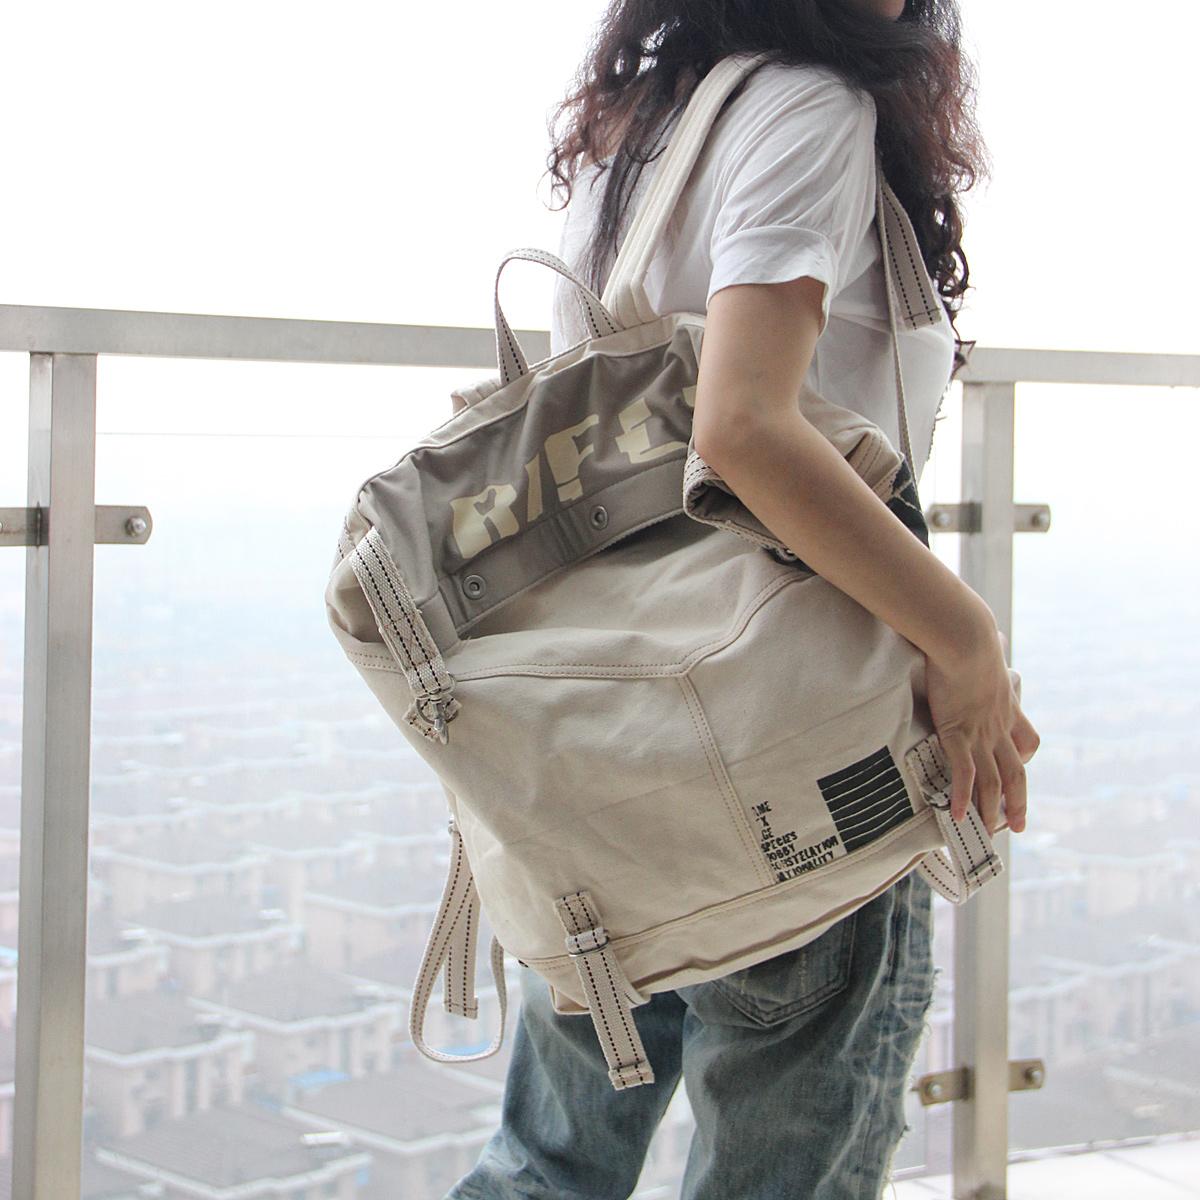 闰闰家大容量旅行韩版女学生书包潮男帆布包双肩包文艺范